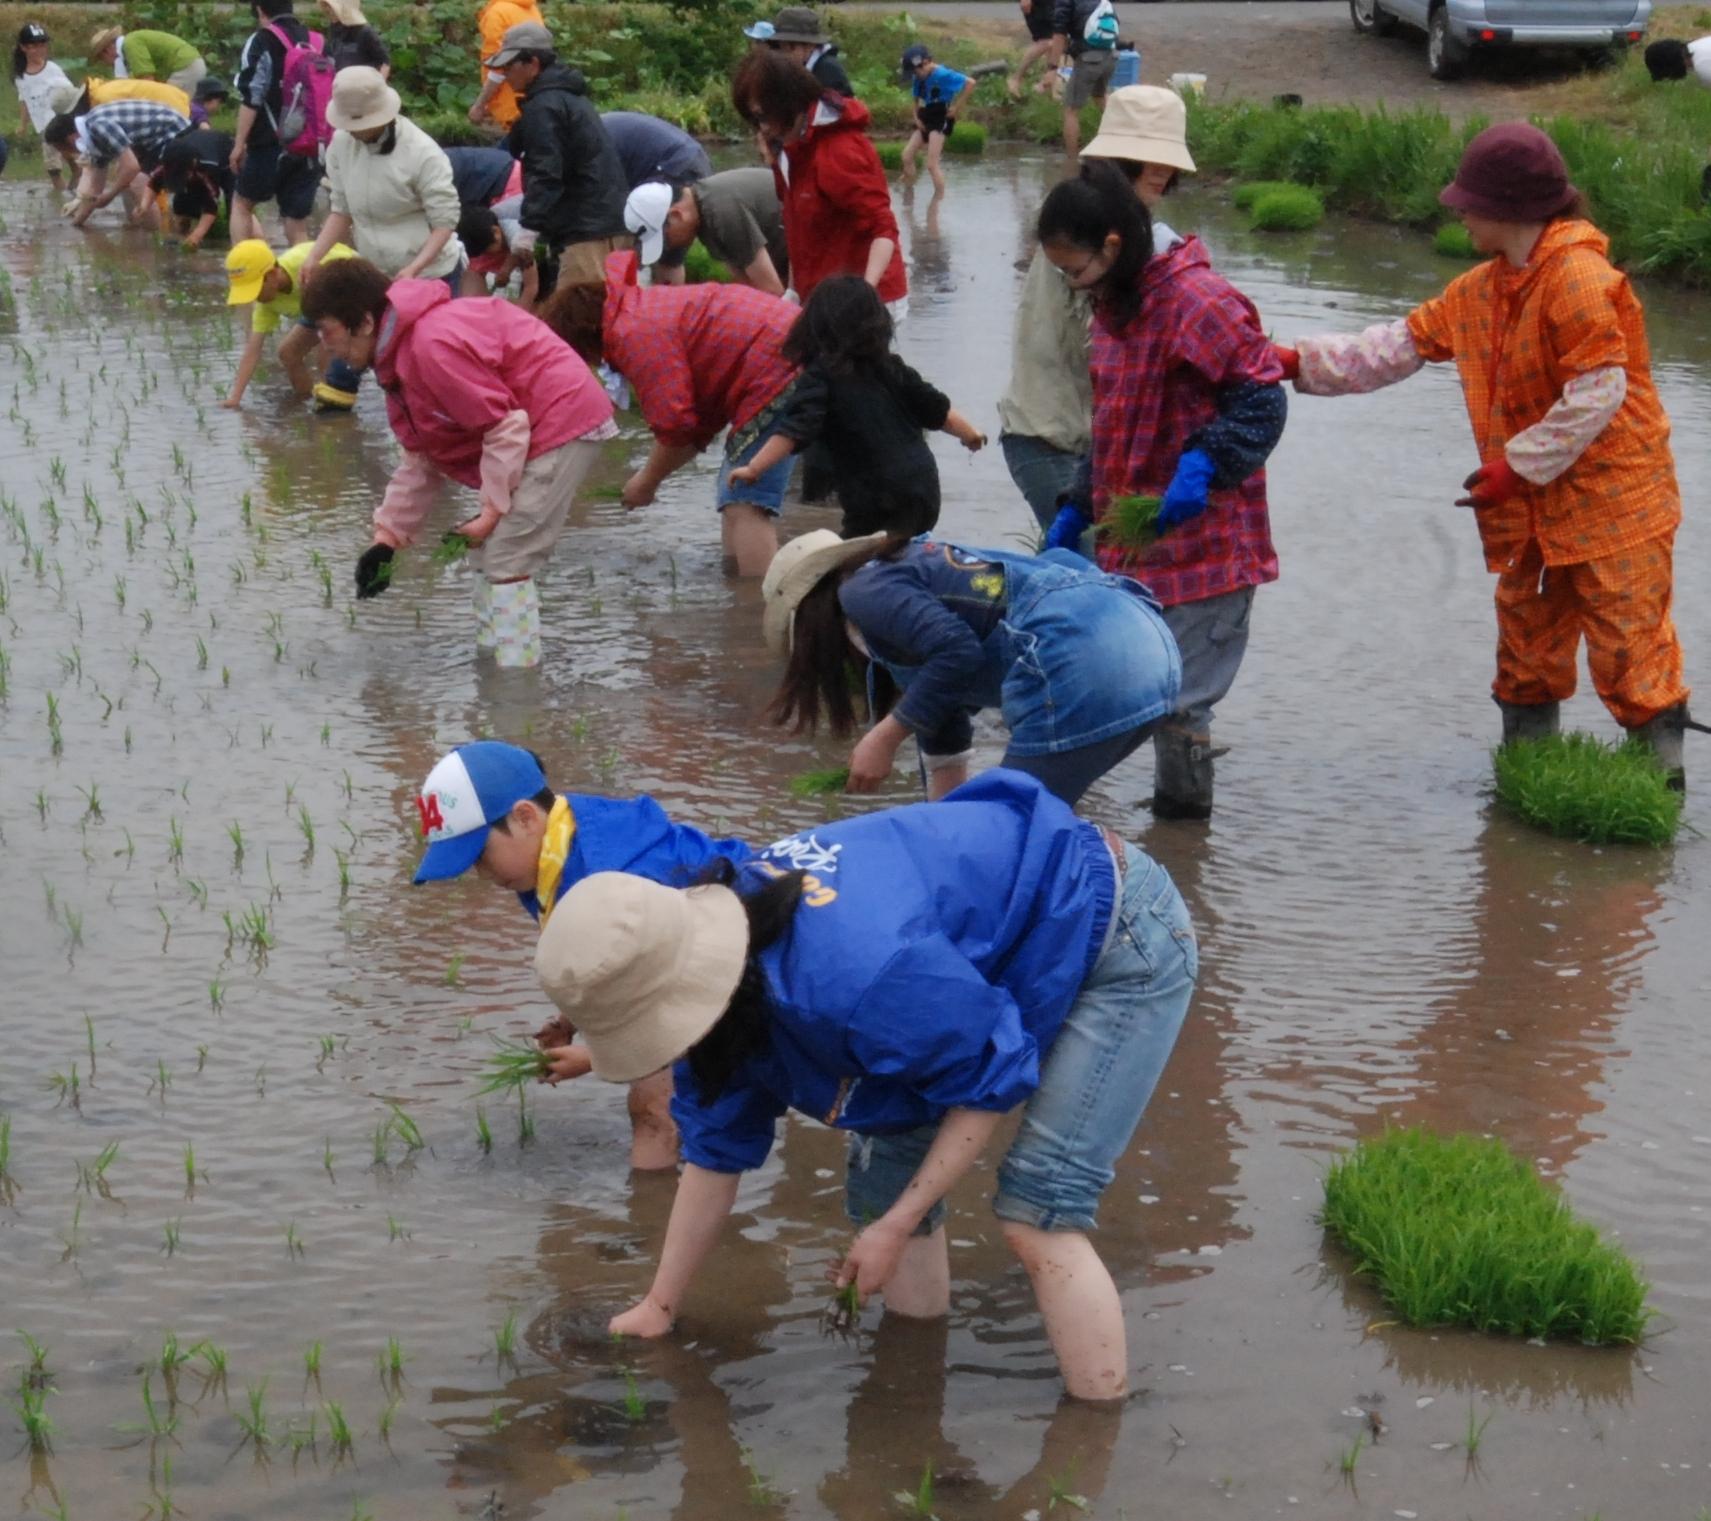 札幌、石狩で料理教室、農業体験を楽しむなら...